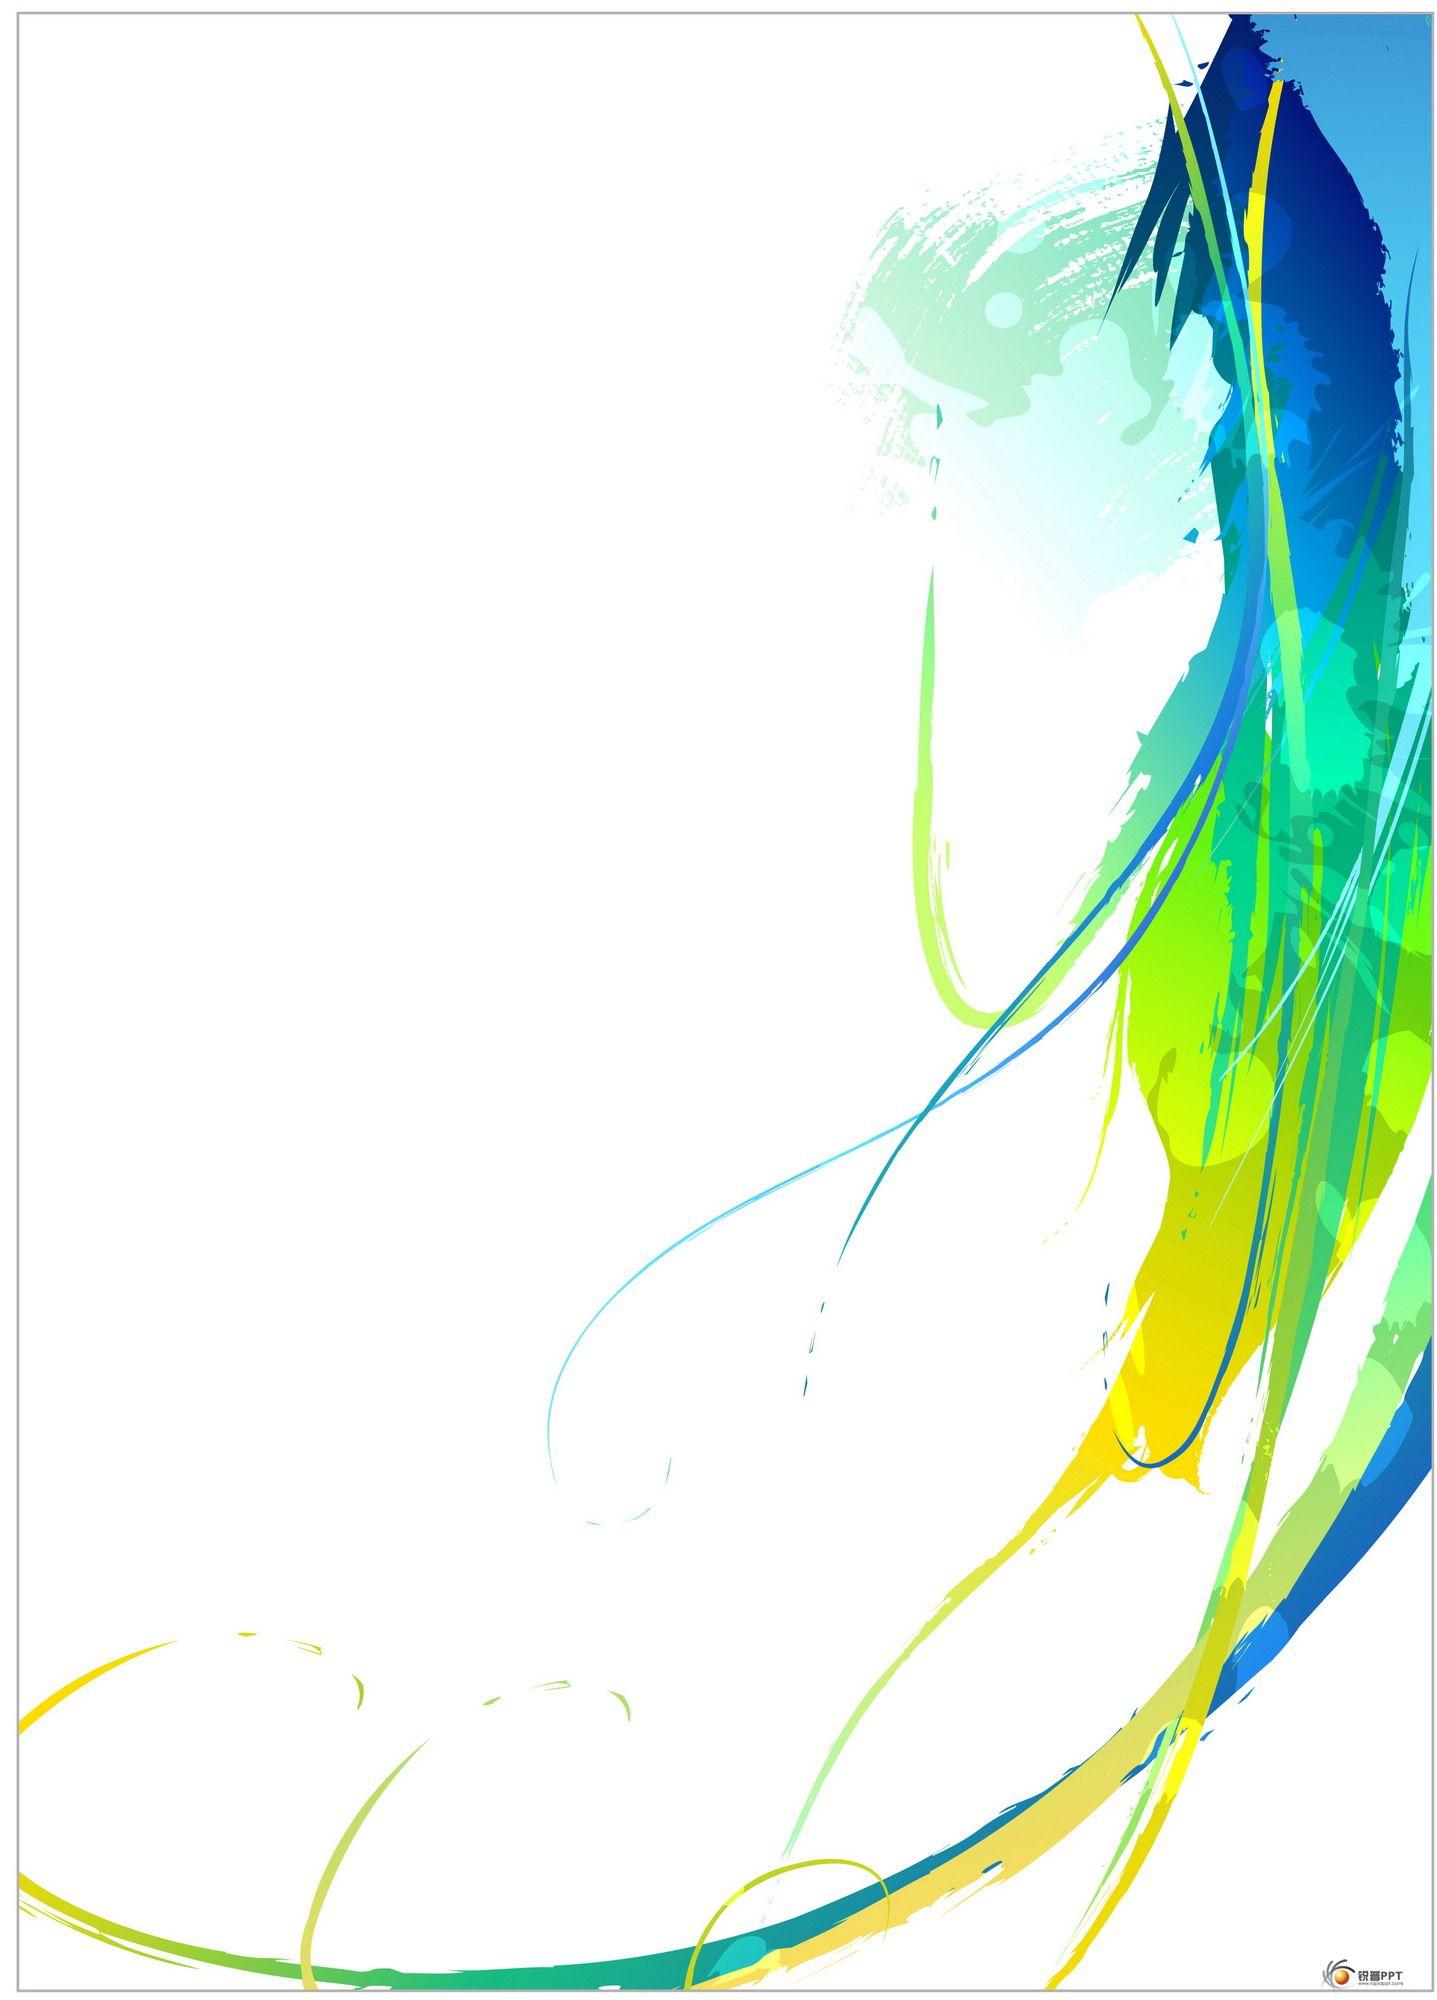 色彩斑斓的水墨效果背景(22p) - 图片素材 - 锐普ppt